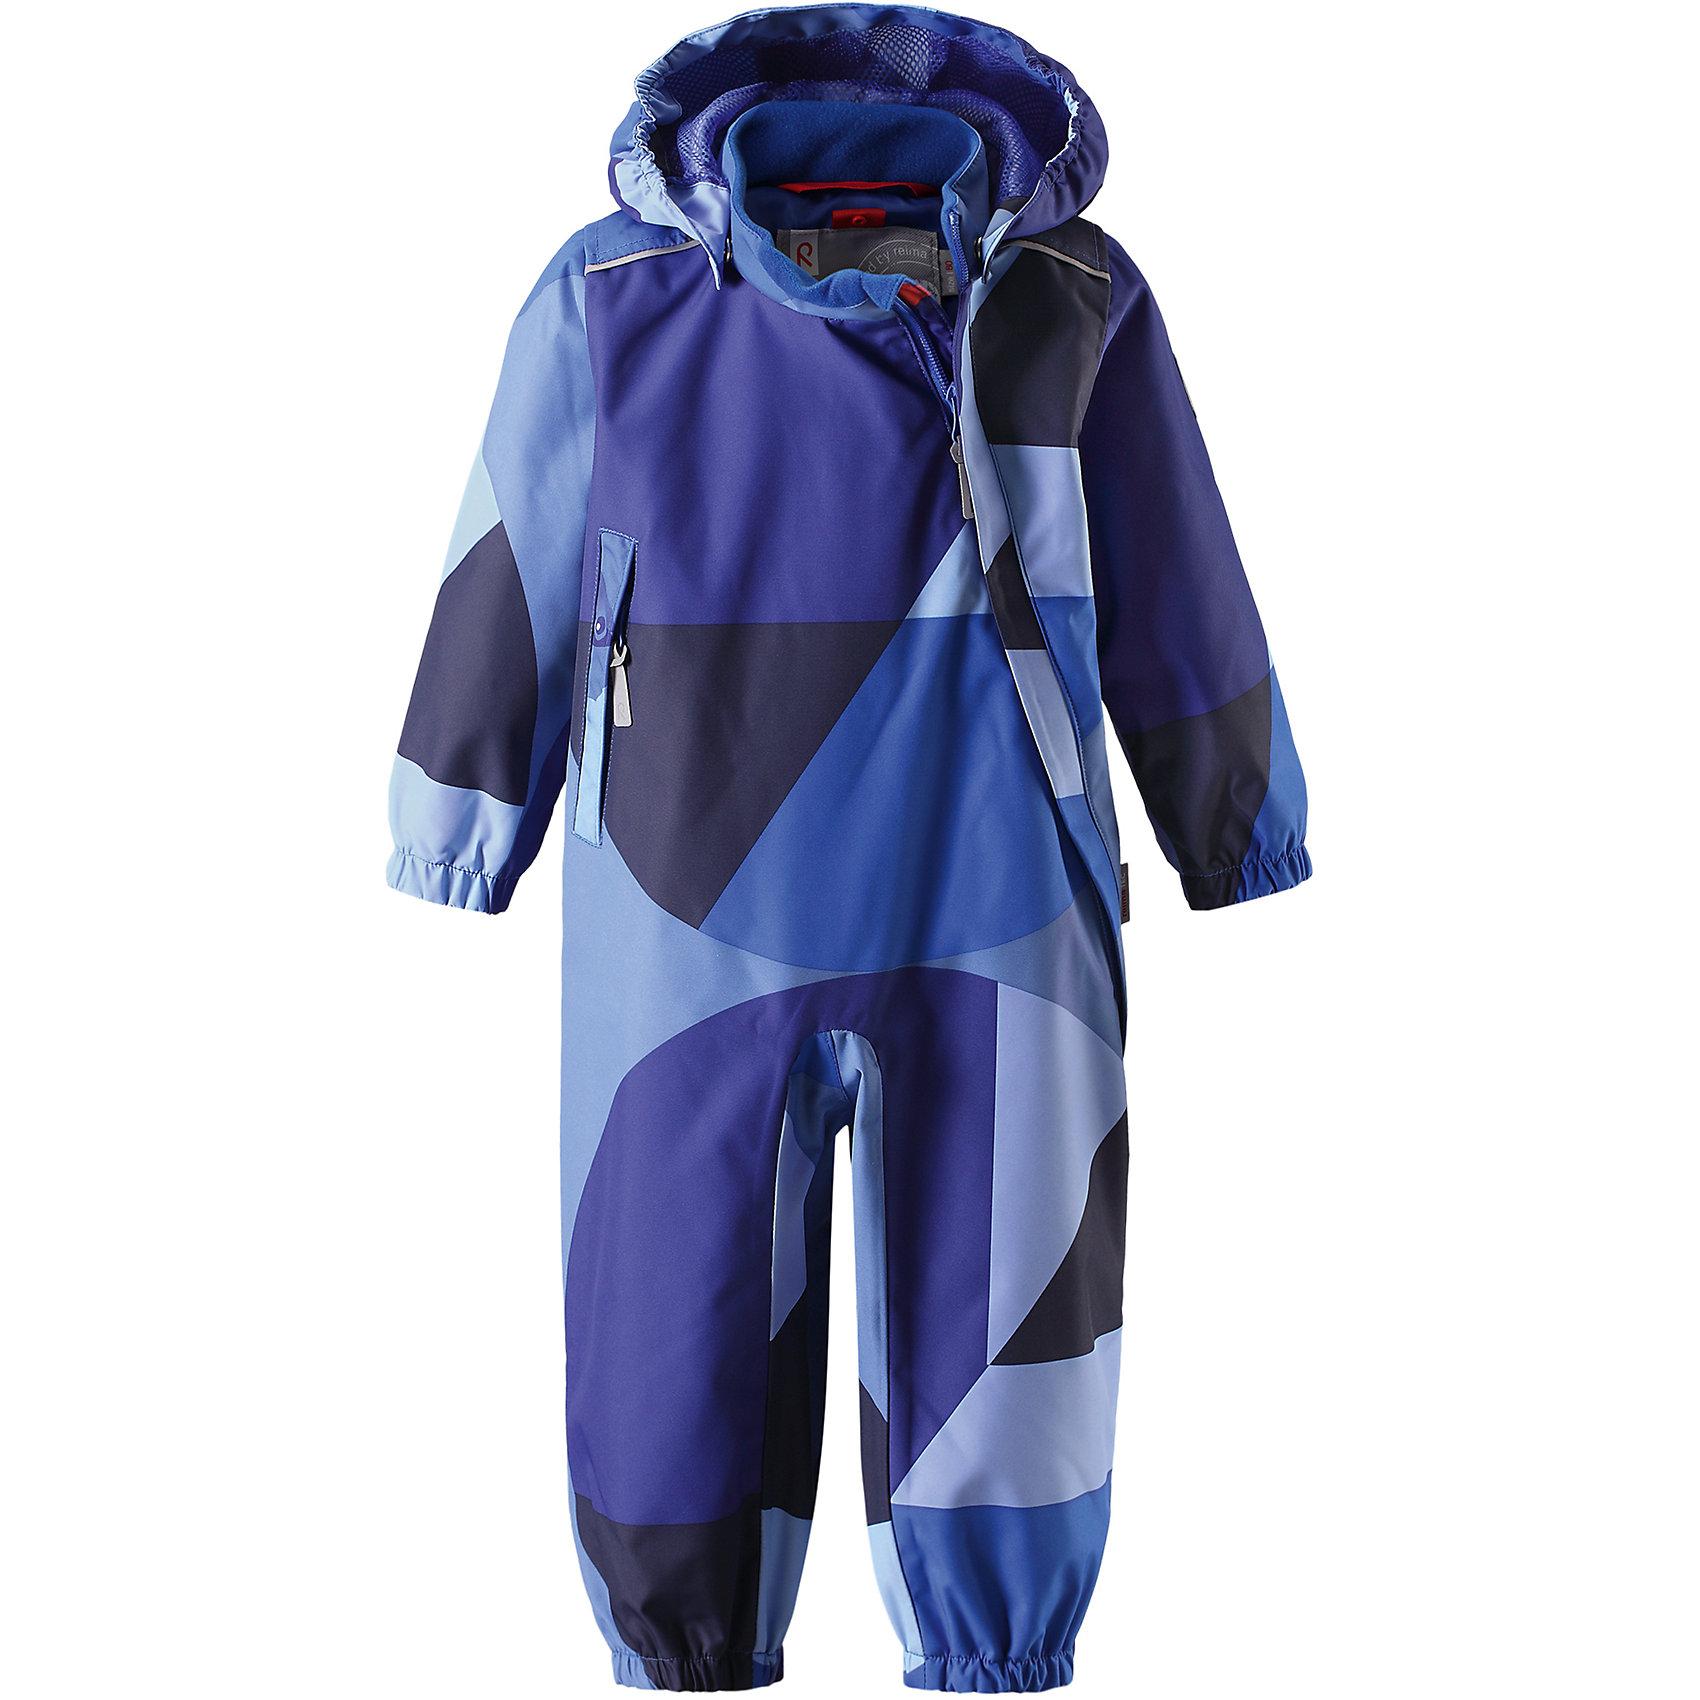 Комбинезон Nauru для мальчика Reimatec® ReimaВерхняя одежда<br>Характеристики товара:<br><br>• цвет: синий<br>• состав: 100% полиэстер, полиуретановое покрытие<br>• температурный режим: от +5° до +15°С<br>• водонепроницаемость: 15000 мм<br>• воздухопроницаемость: 5000 мм<br>• износостойкость: 35000 циклов (тес Мартиндейла)<br>• без утеплителя<br>• все швы проклеены, водонепроницаемы<br>• водо- и ветронепроницаемый, дышащий, грязеотталкивающий материал<br>• гладкая подкладка из полиэстера по всему изделию, mesh сетка на капюшоне<br>• безопасный съёмный капюшон<br>• эластичные манжеты<br>• прочные съёмные силиконовые штрипки<br>• длинная застёжка на молнии облегчает надевание<br>• карман на молнии<br>• комфортная посадка<br>• страна производства: Китай<br>• страна бренда: Финляндия<br>• коллекция: весна-лето 2017<br><br>Верхняя одежда для детей может быть модной и комфортной одновременно! Демисезонный комбинезон поможет обеспечить ребенку комфорт и тепло. Он отлично смотрится с различной обувью. Изделие удобно сидит и модно выглядит. Материал - прочный, хорошо подходящий для межсезонья, водо- и ветронепроницаемый, «дышащий». Стильный дизайн разрабатывался специально для детей.<br><br>Одежда и обувь от финского бренда Reima пользуется популярностью во многих странах. Эти изделия стильные, качественные и удобные. Для производства продукции используются только безопасные, проверенные материалы и фурнитура. Порадуйте ребенка модными и красивыми вещами от Reima! <br><br>Комбинезон для девочки Reimatec® от финского бренда Reima (Рейма) можно купить в нашем интернет-магазине.<br><br>Ширина мм: 356<br>Глубина мм: 10<br>Высота мм: 245<br>Вес г: 519<br>Цвет: синий<br>Возраст от месяцев: 6<br>Возраст до месяцев: 9<br>Пол: Мужской<br>Возраст: Детский<br>Размер: 74,98,92,86,80<br>SKU: 5265790